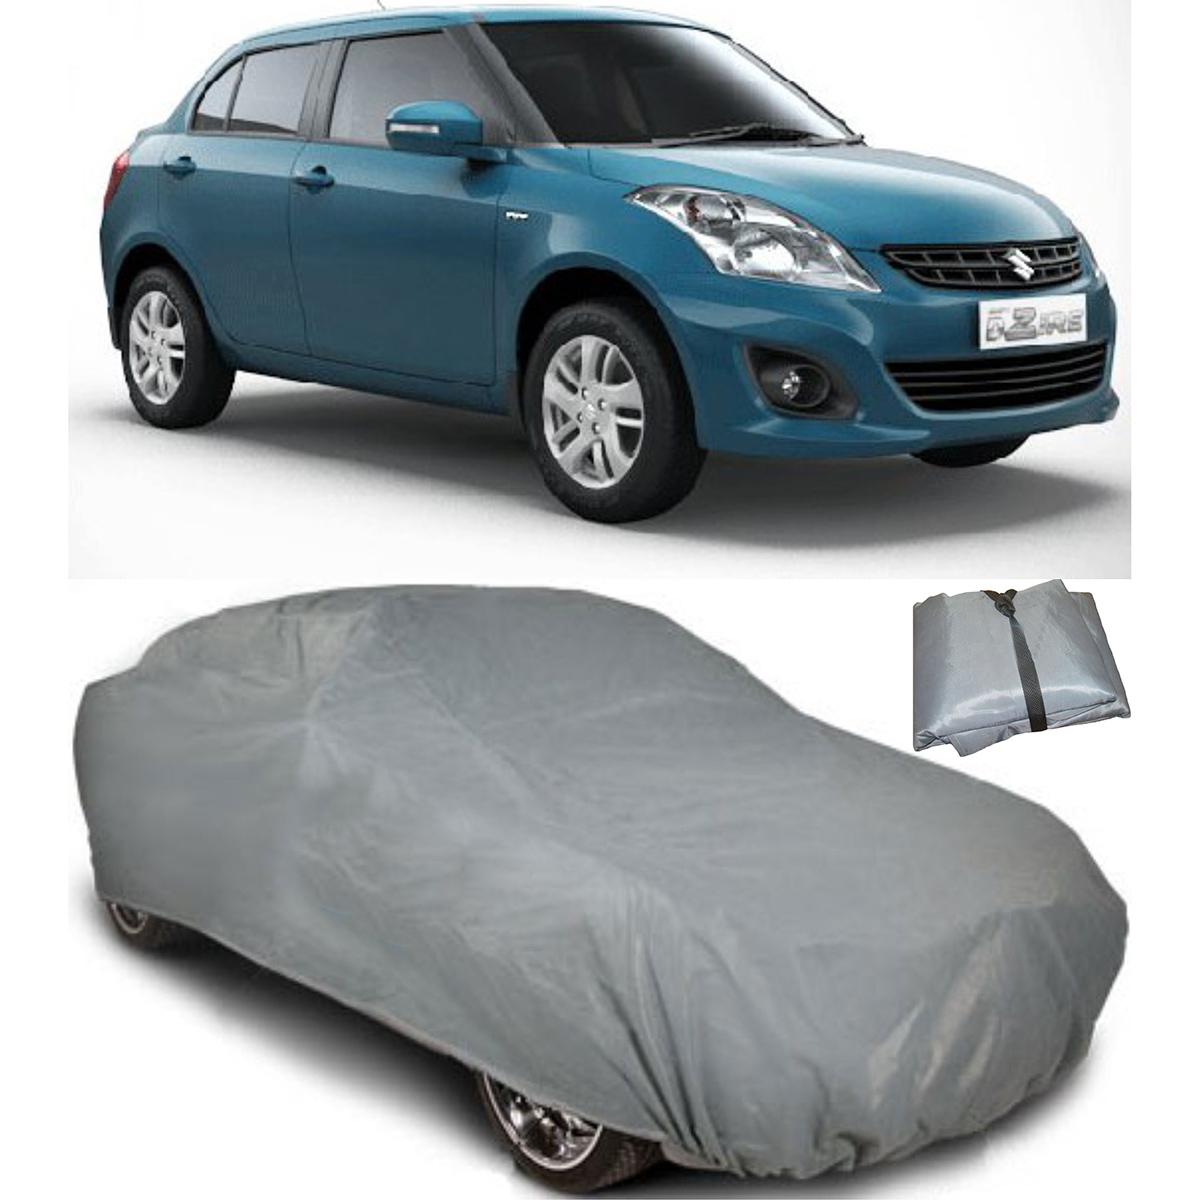 Maruti Swift Dzire Car Cover